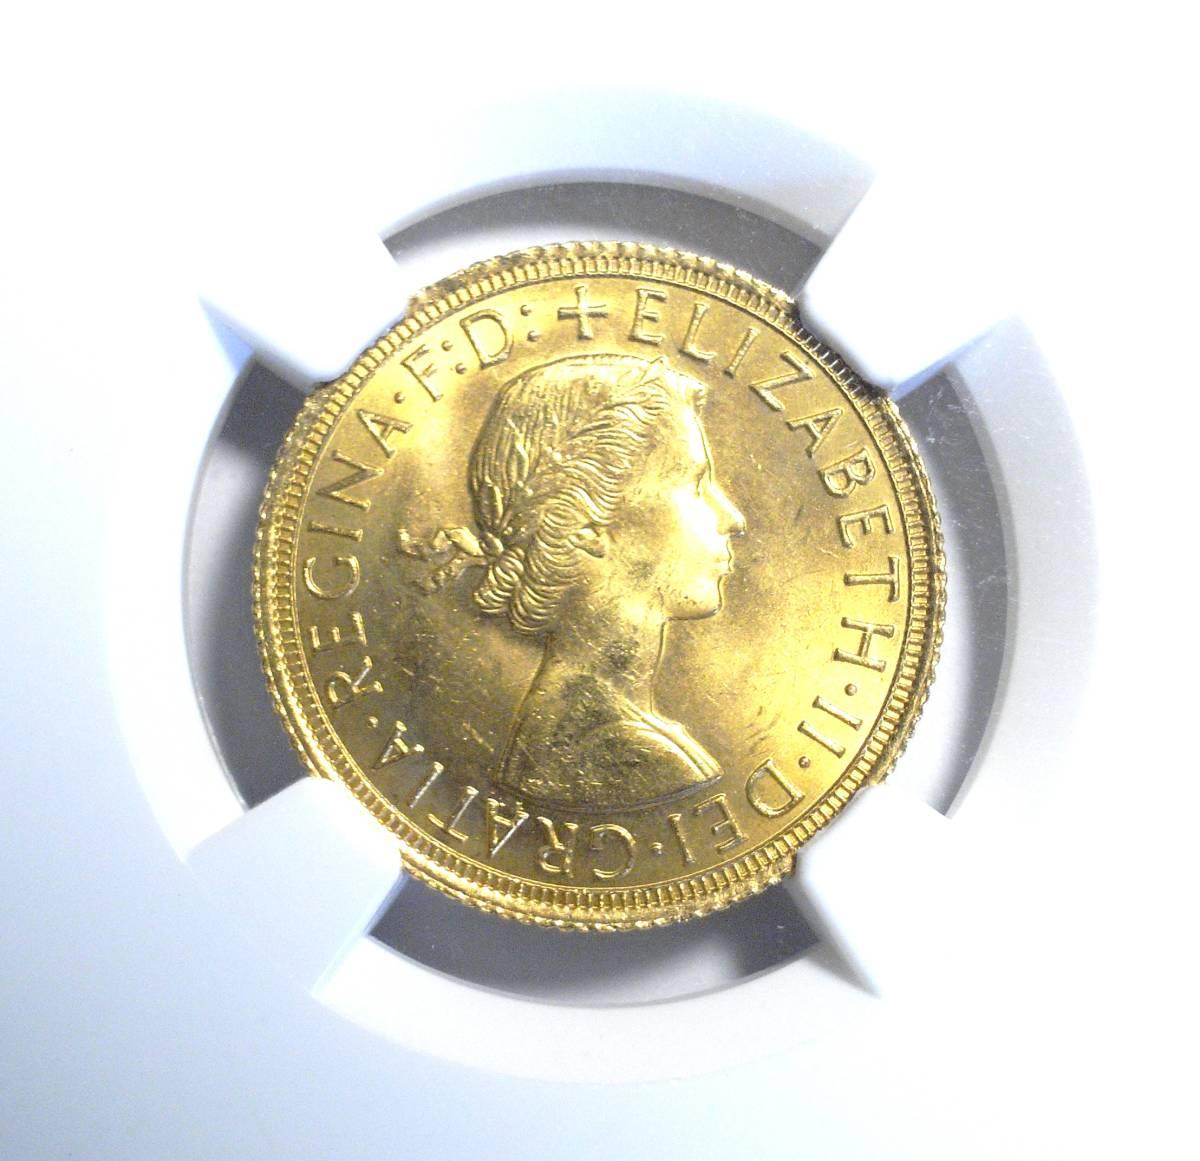 【大人気!!】1966 イギリス ソブリン金貨 NGC MS64 ヤングエリザベス 聖ジョージの竜退治 英国